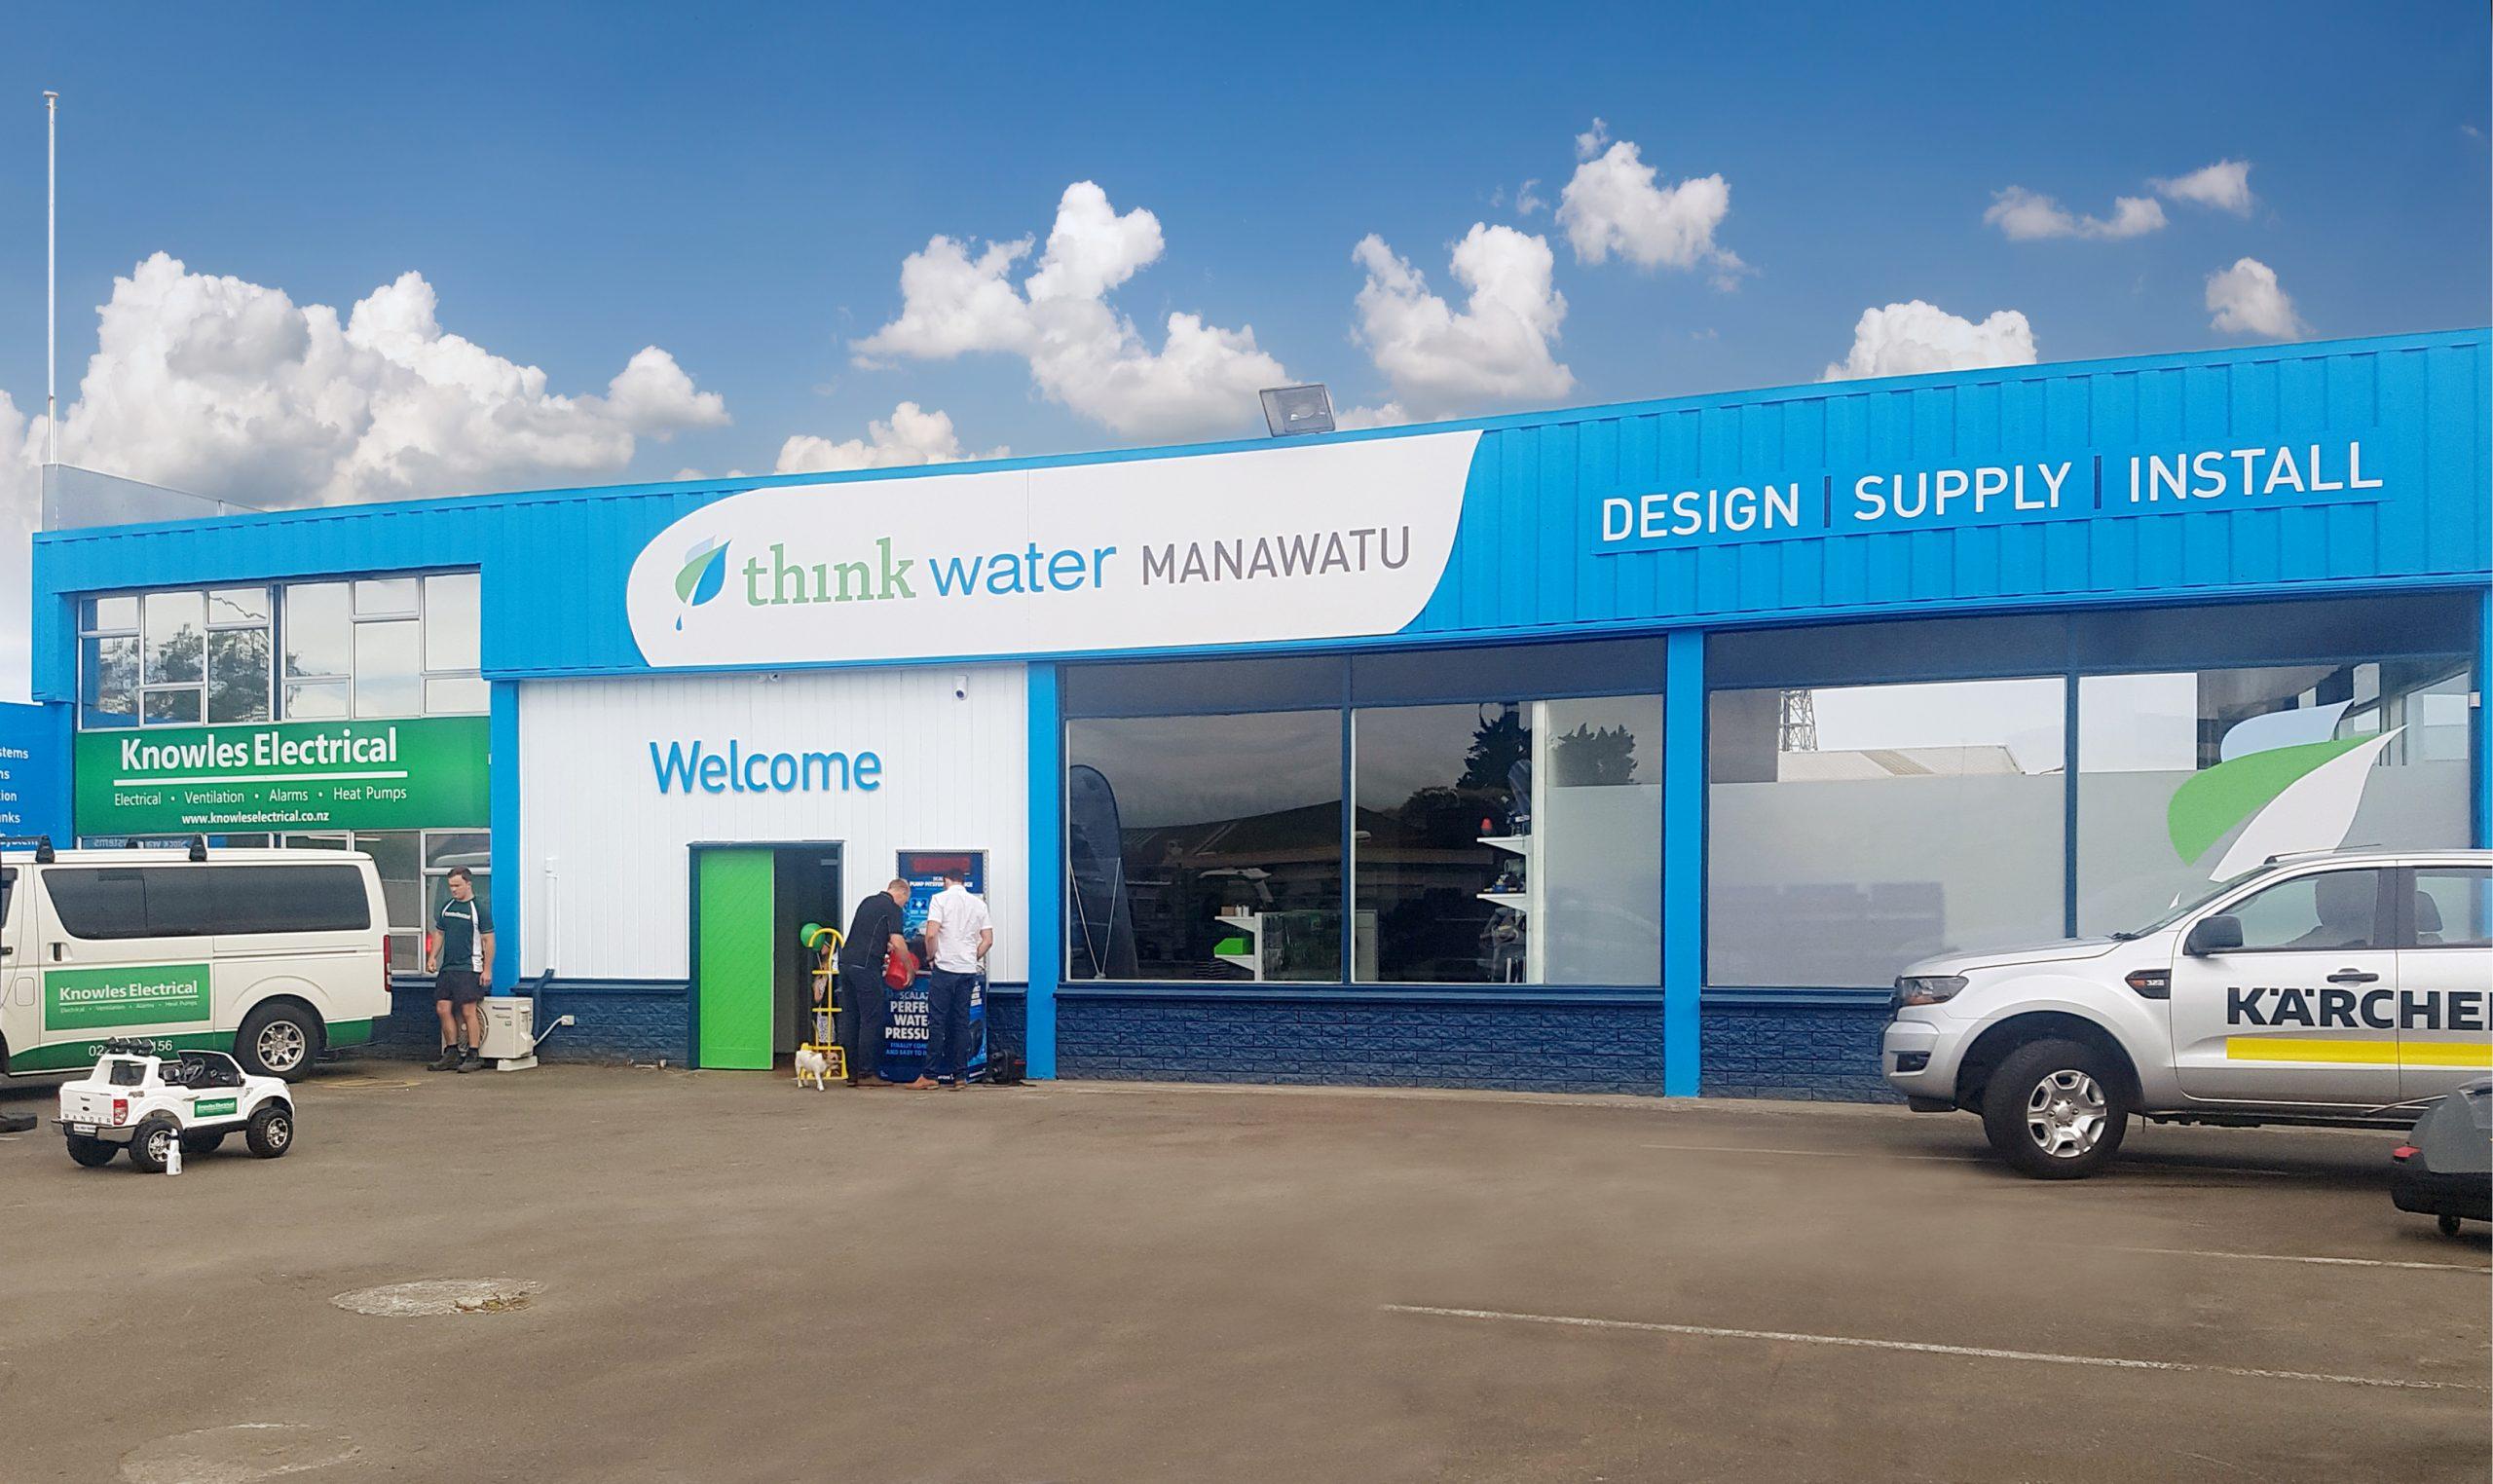 Think Water Manawatu